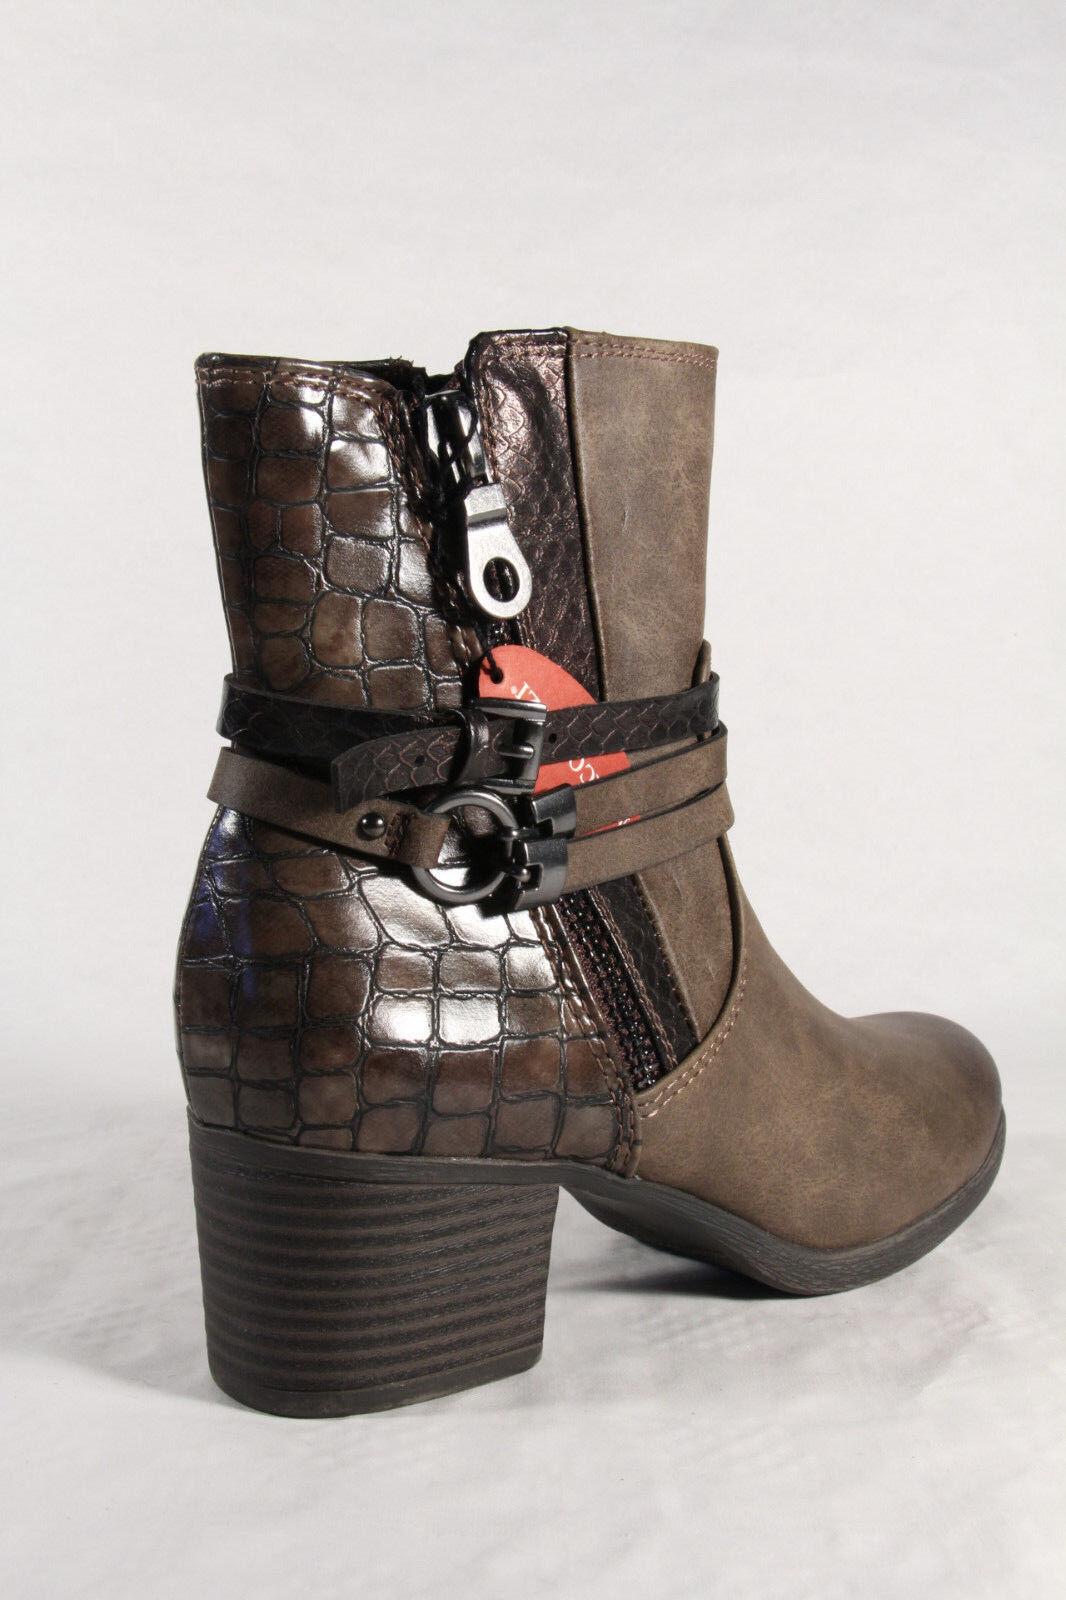 Marco Tozzi Damen Stiefel Stiefelette Stiefel  braun 25304 NEU